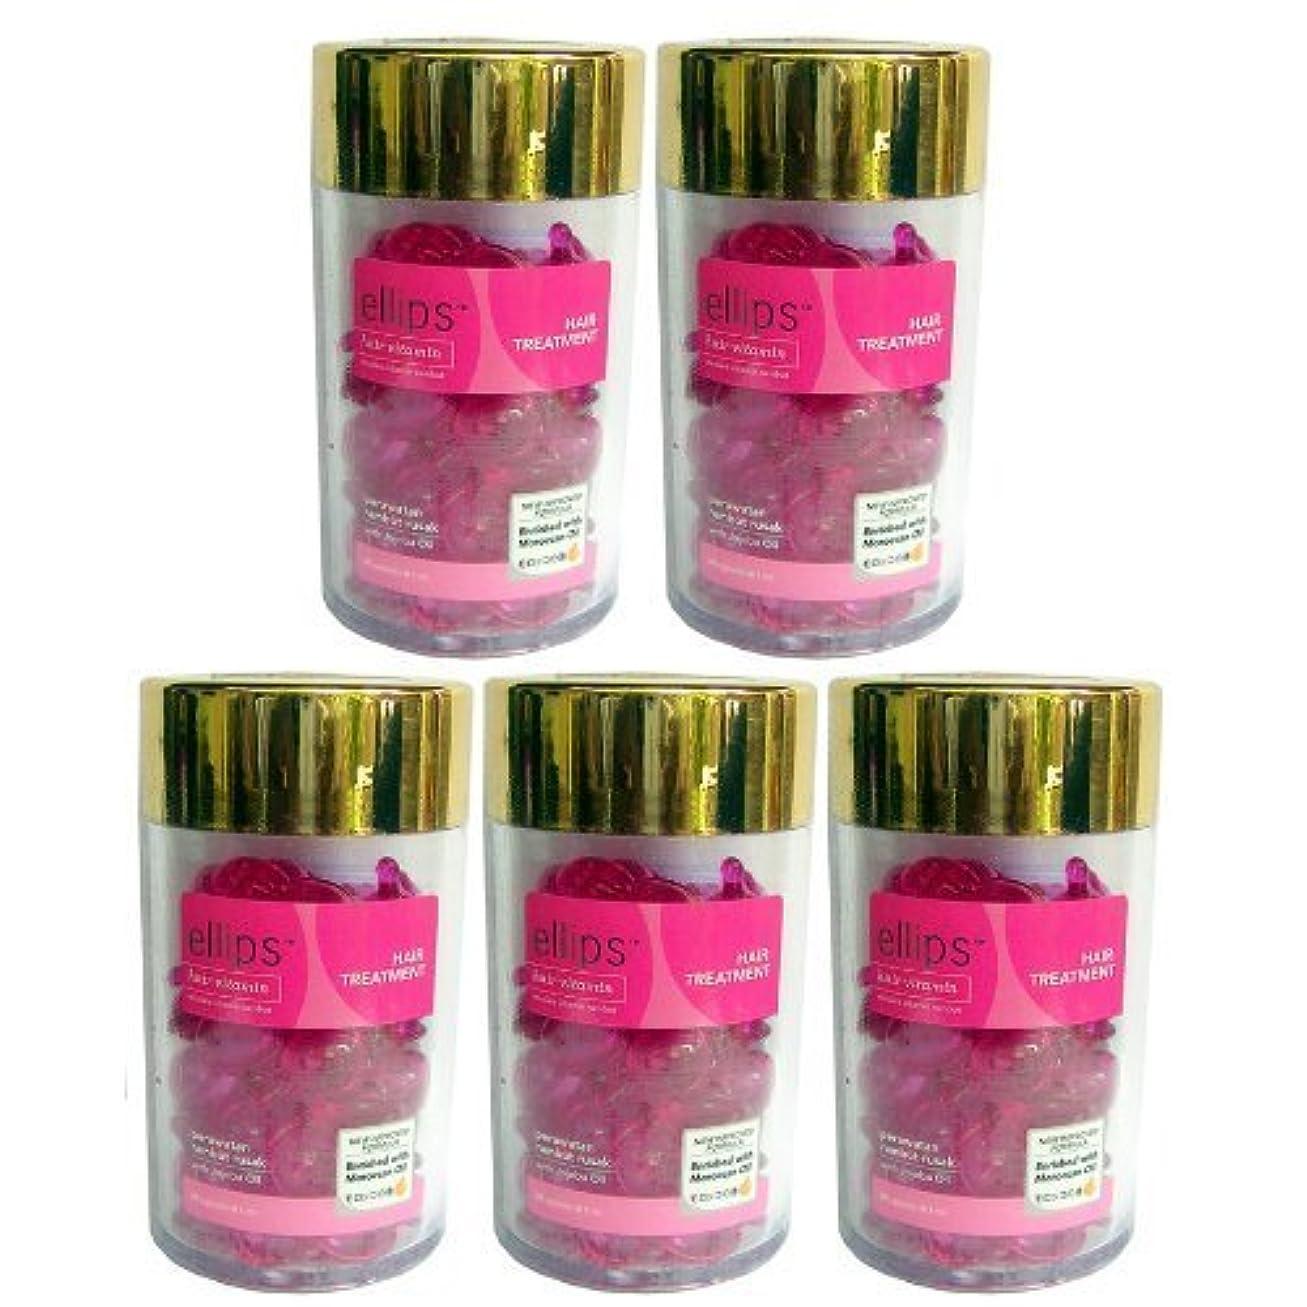 数値ディスカウント優しいエリップス ellips ヘアビタミン洗い流さないヘアトリートメント(並行輸入品) (ピンク5本)